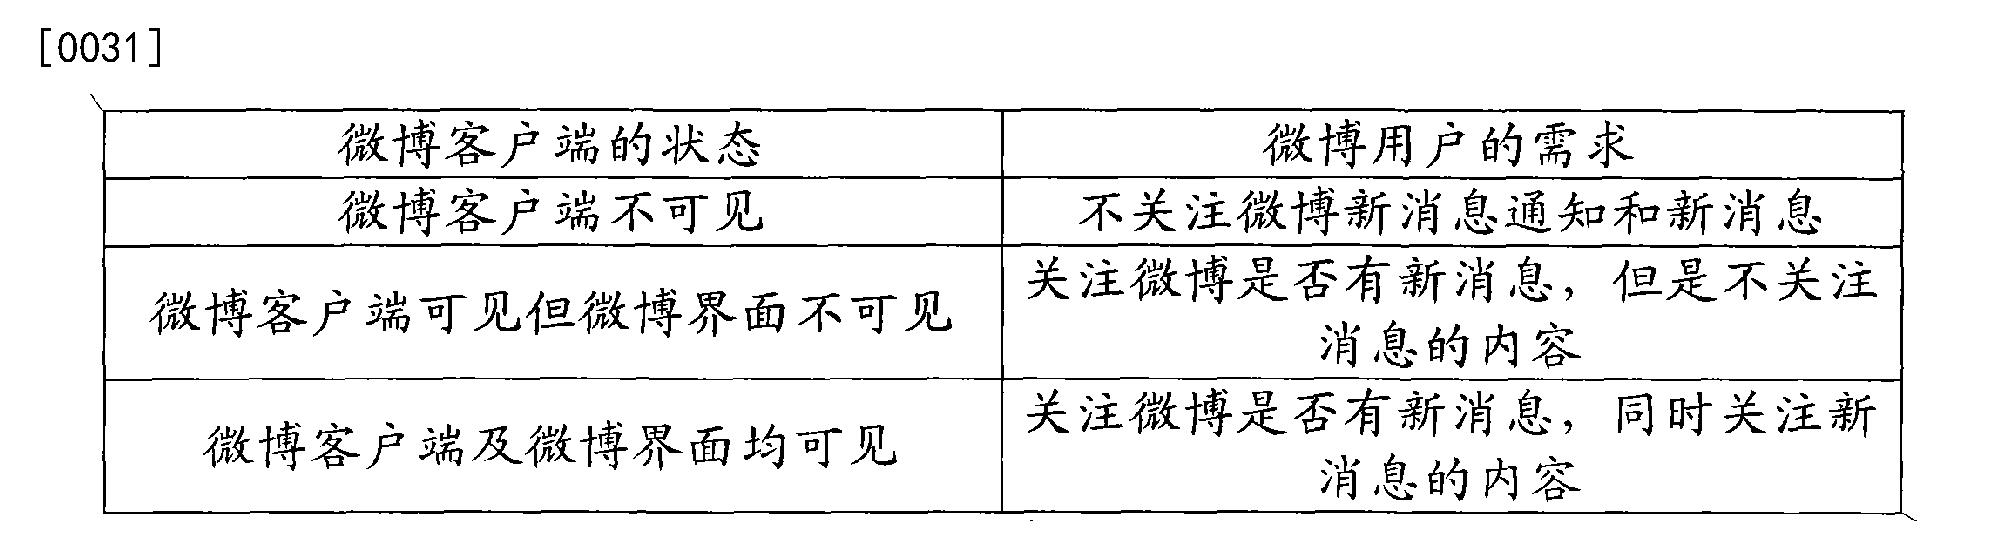 Figure CN102375865BD00081